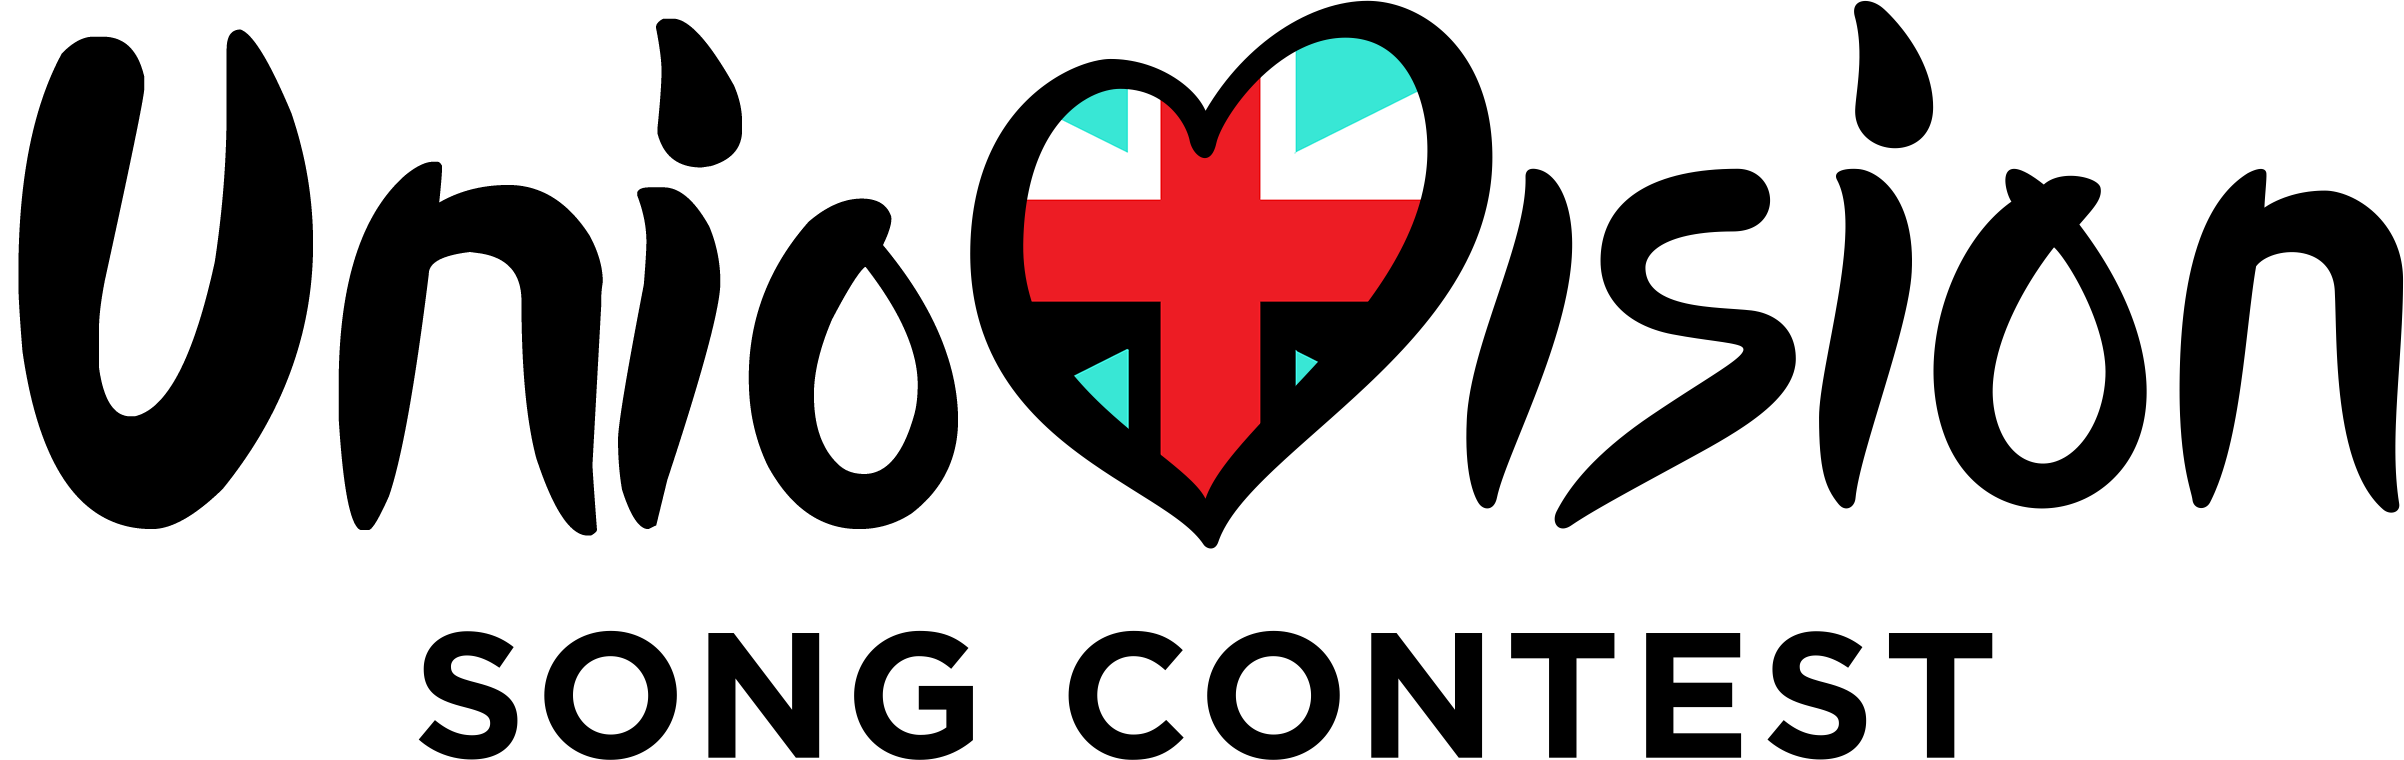 [Obrazek: Uniowizja_logo.png]